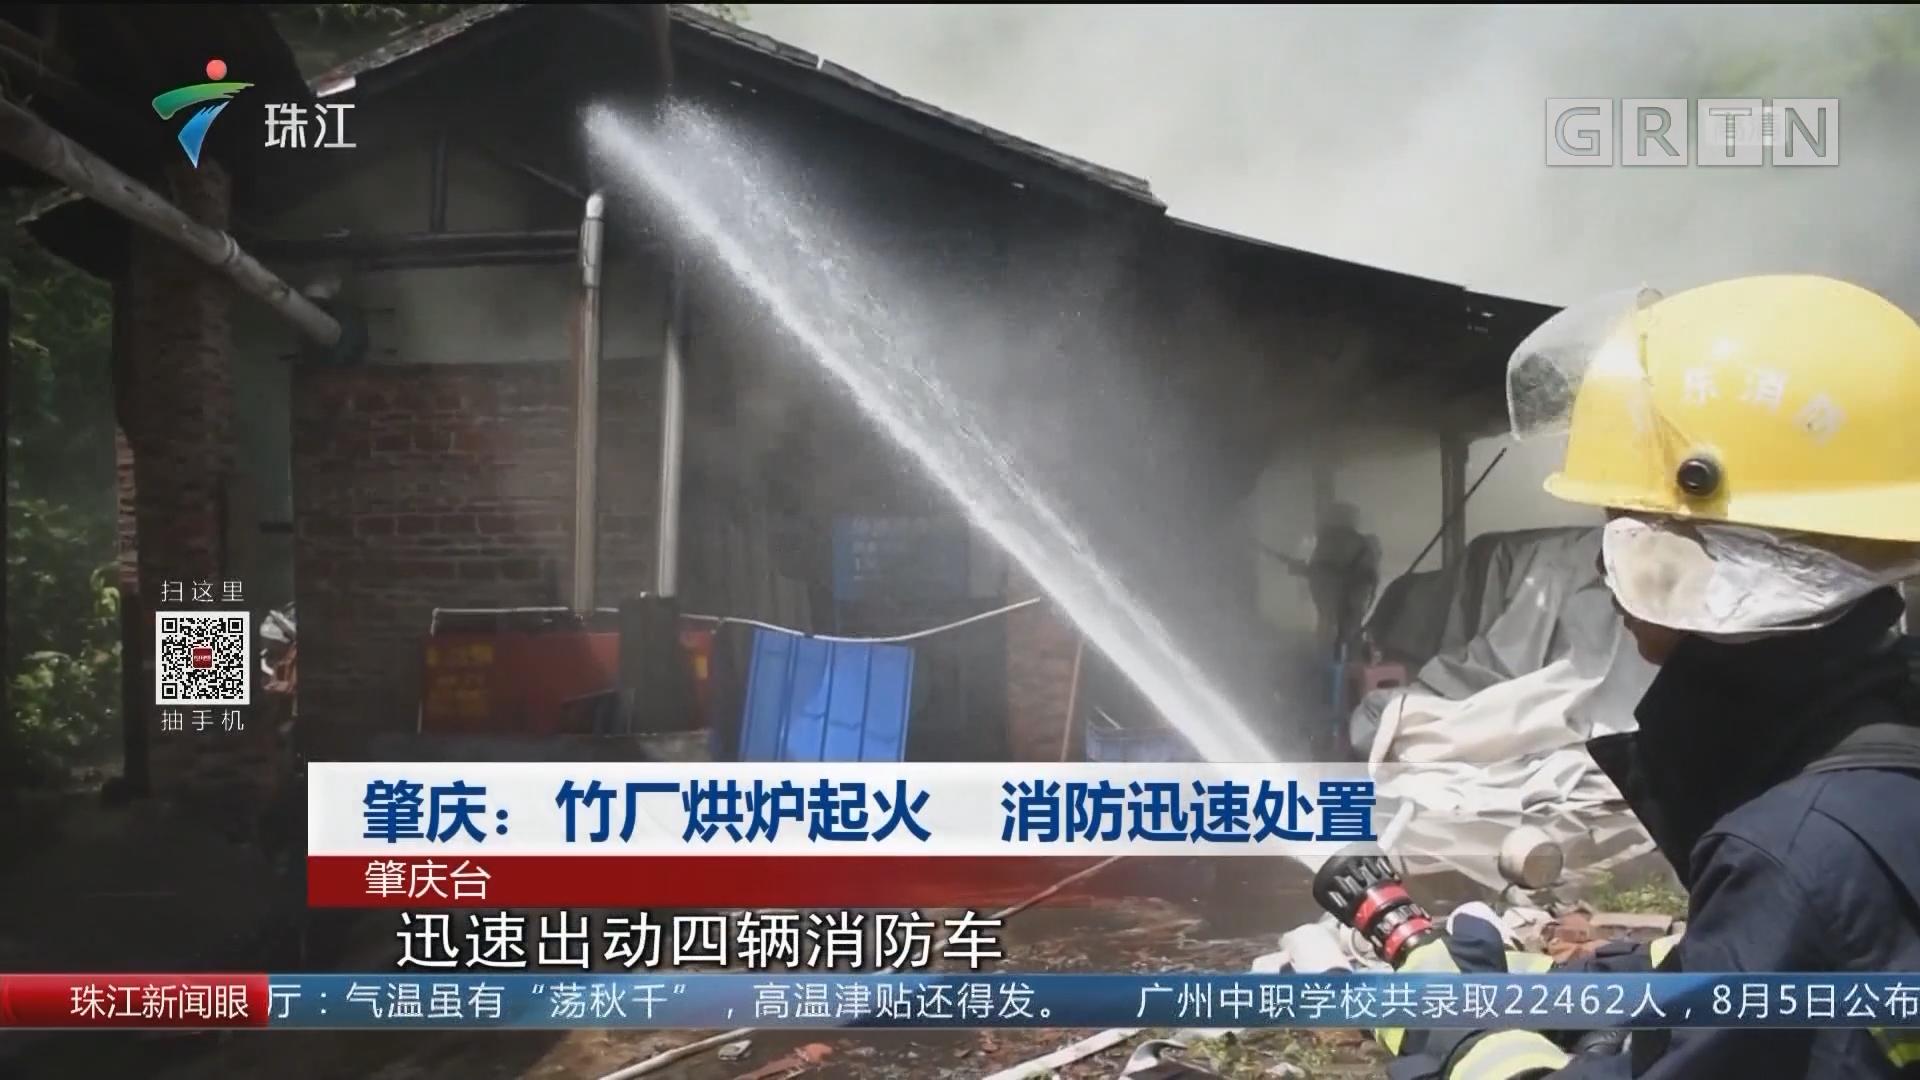 肇慶:竹廠烘爐起火 消防迅速處置